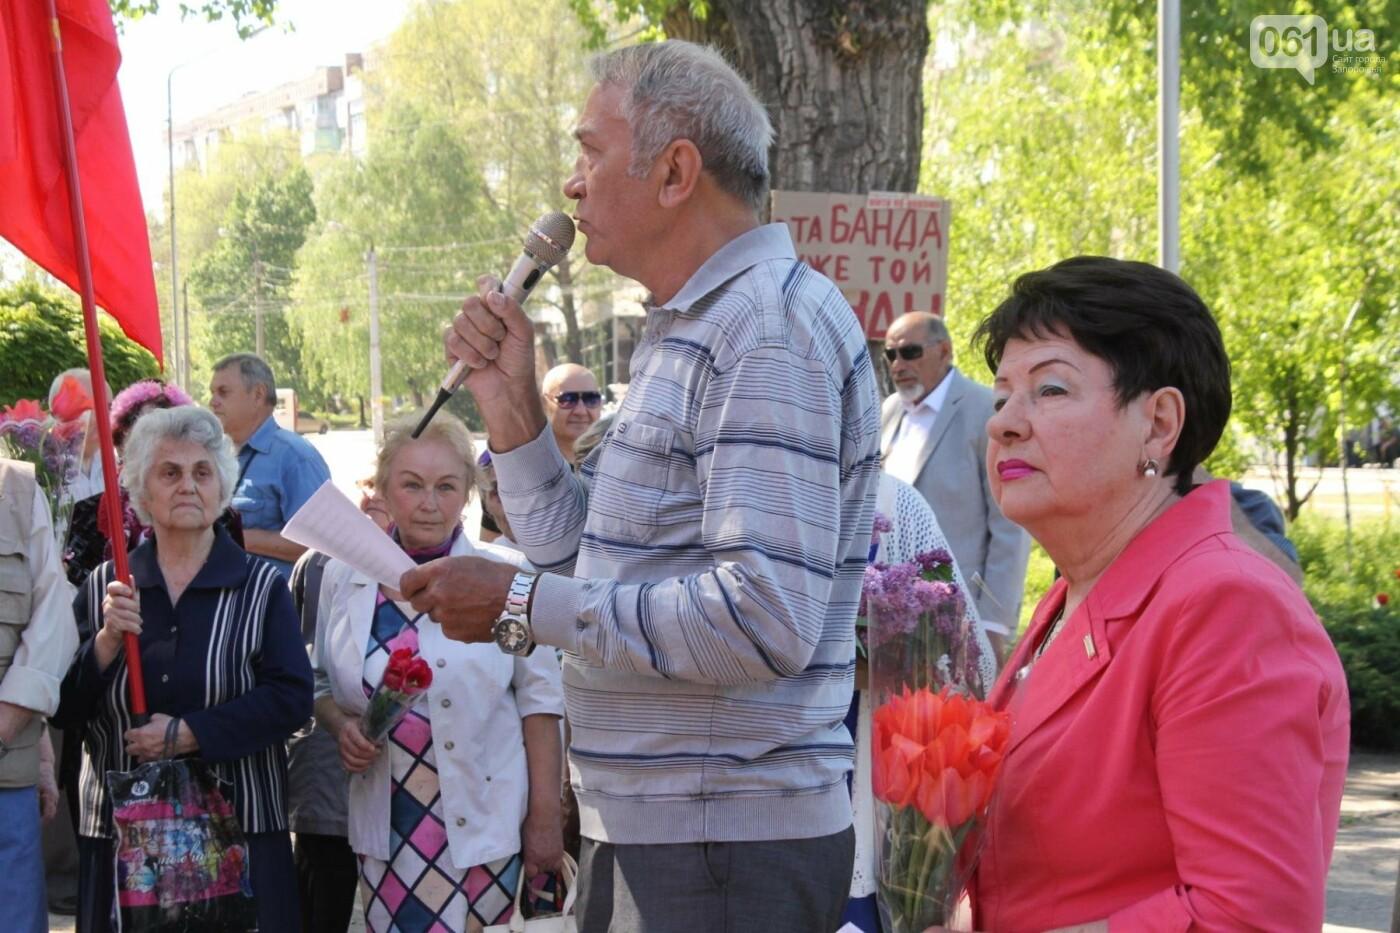 Запорожские коммунисты с красными флагами провели митинг к 1 мая: к «вечному огню» на Свободы пришли полсотни людей, – ФОТОРЕПОРТАЖ, фото-10